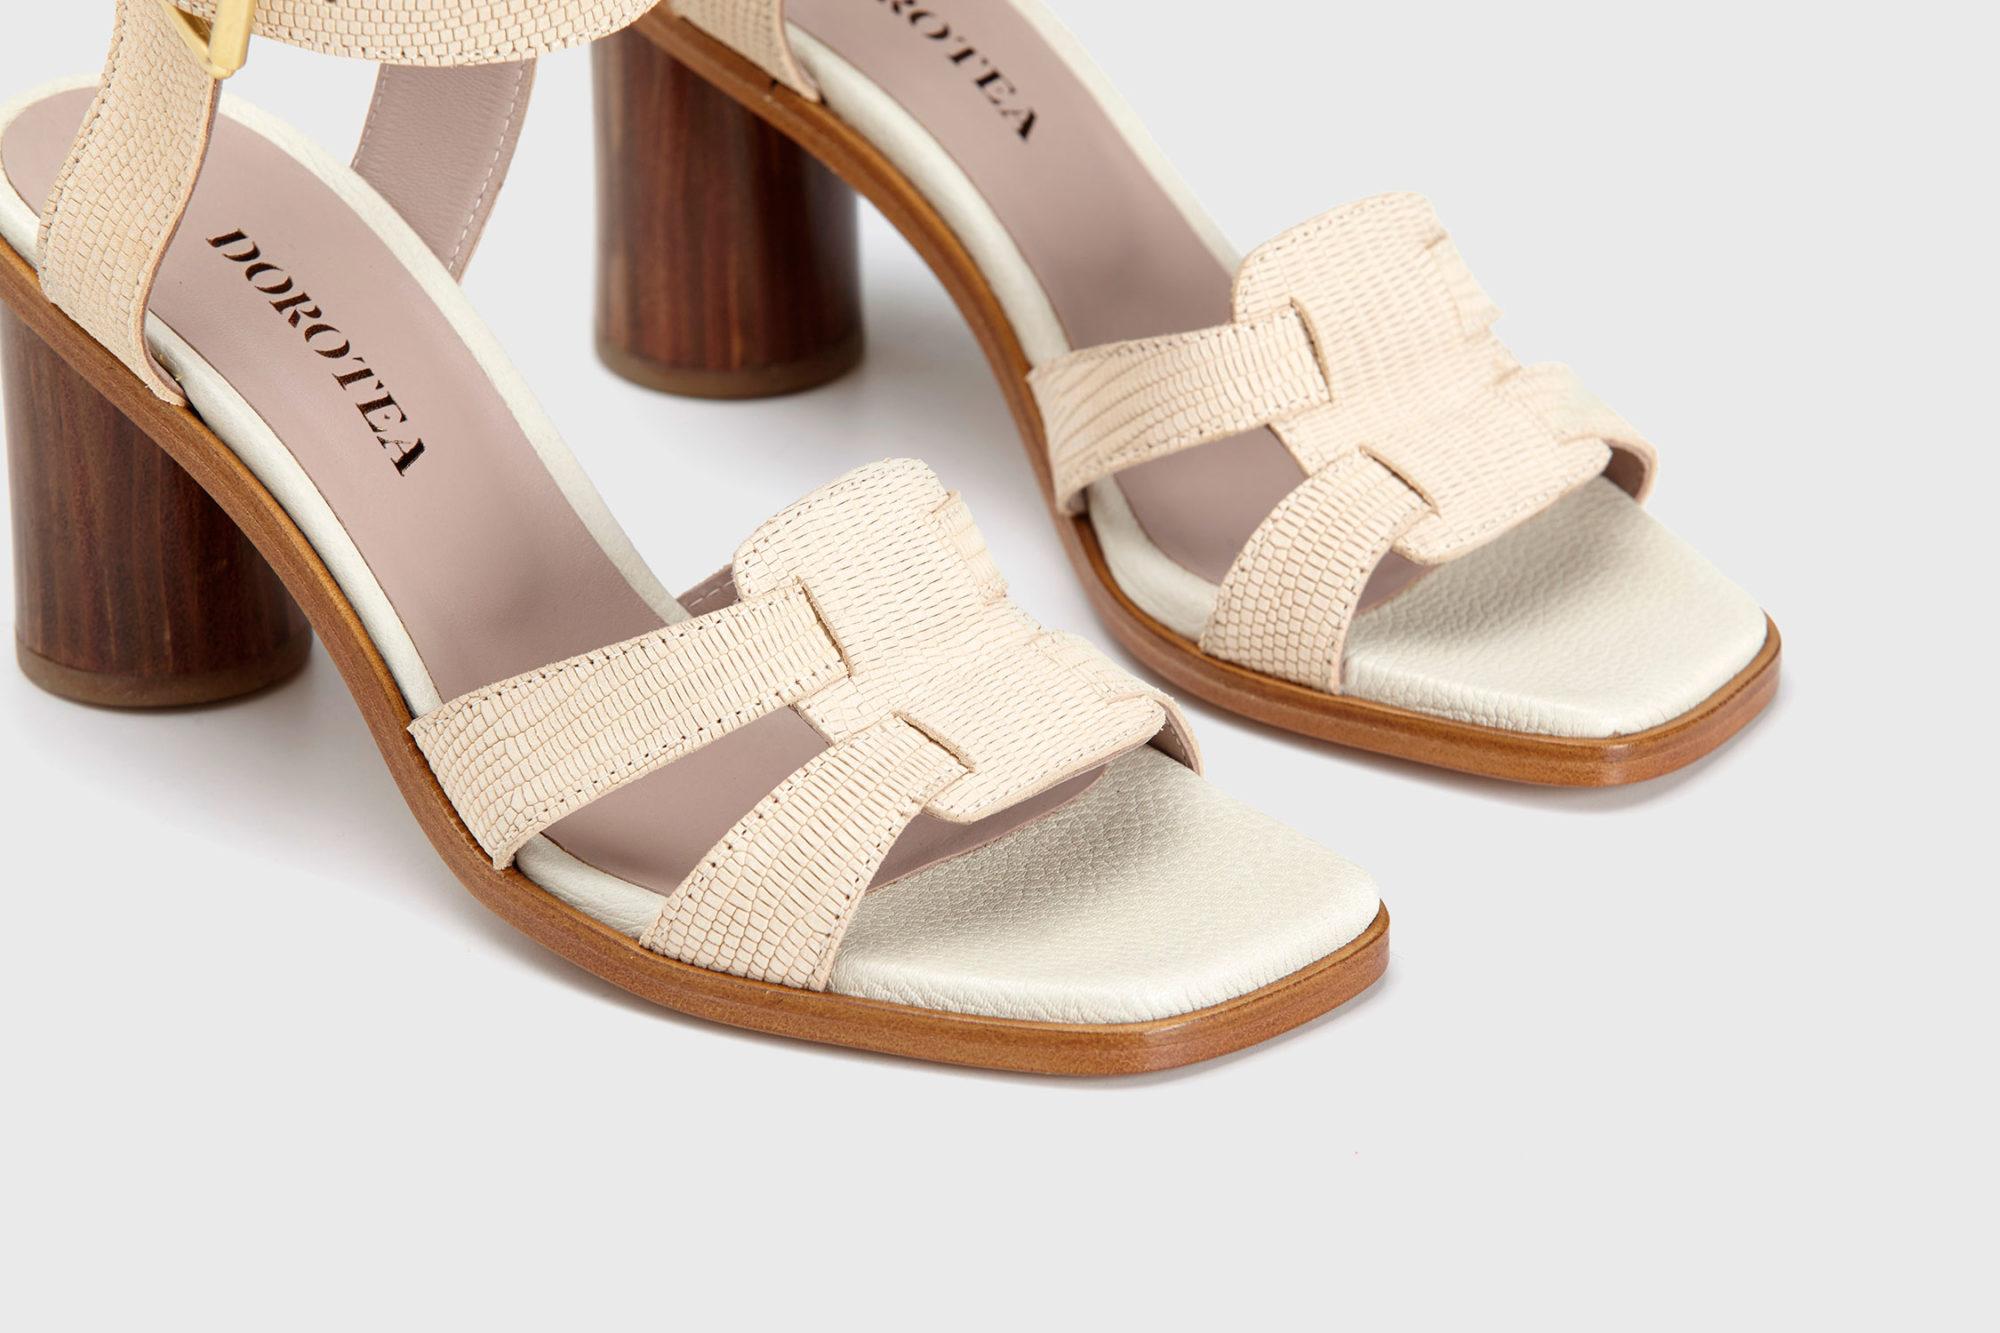 Dorotea sandalia de tacón alto Lianne nude ss17 detalle